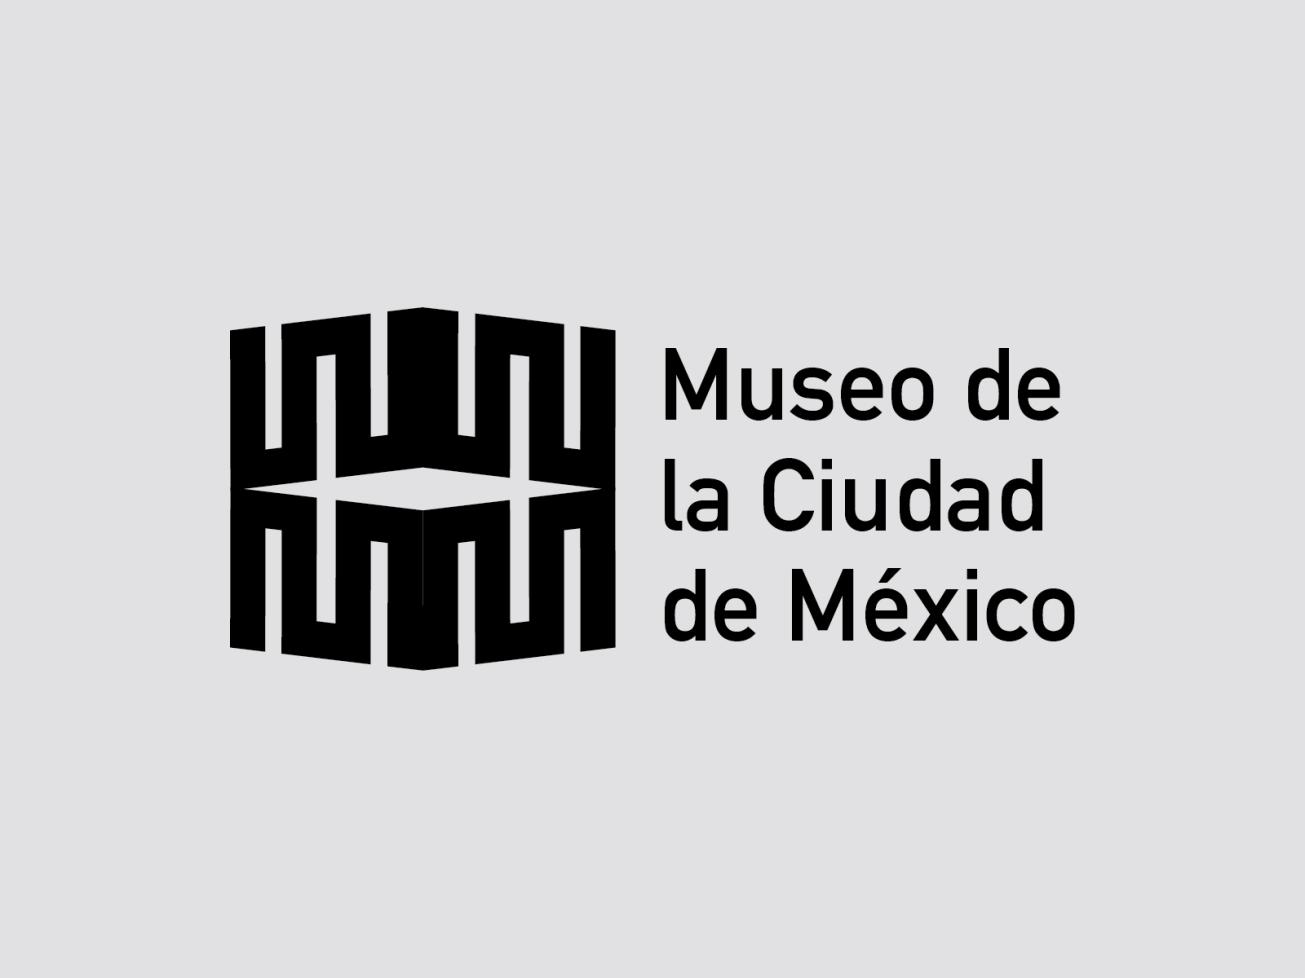 logos2005-20174